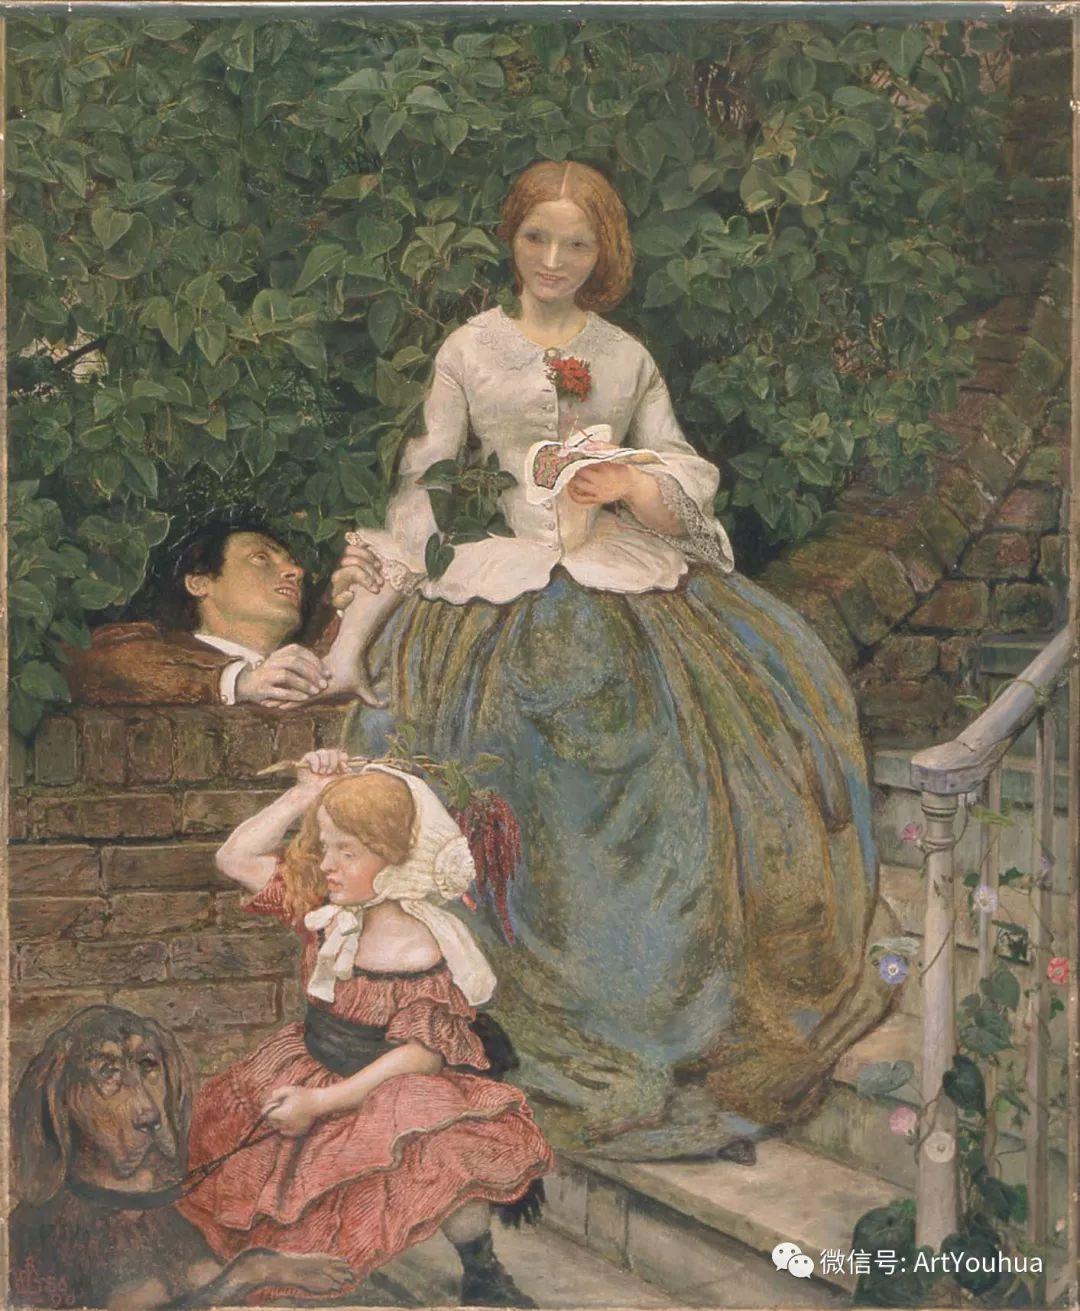 拉斐尔前派  英国画家Ford Madox Brown插图57